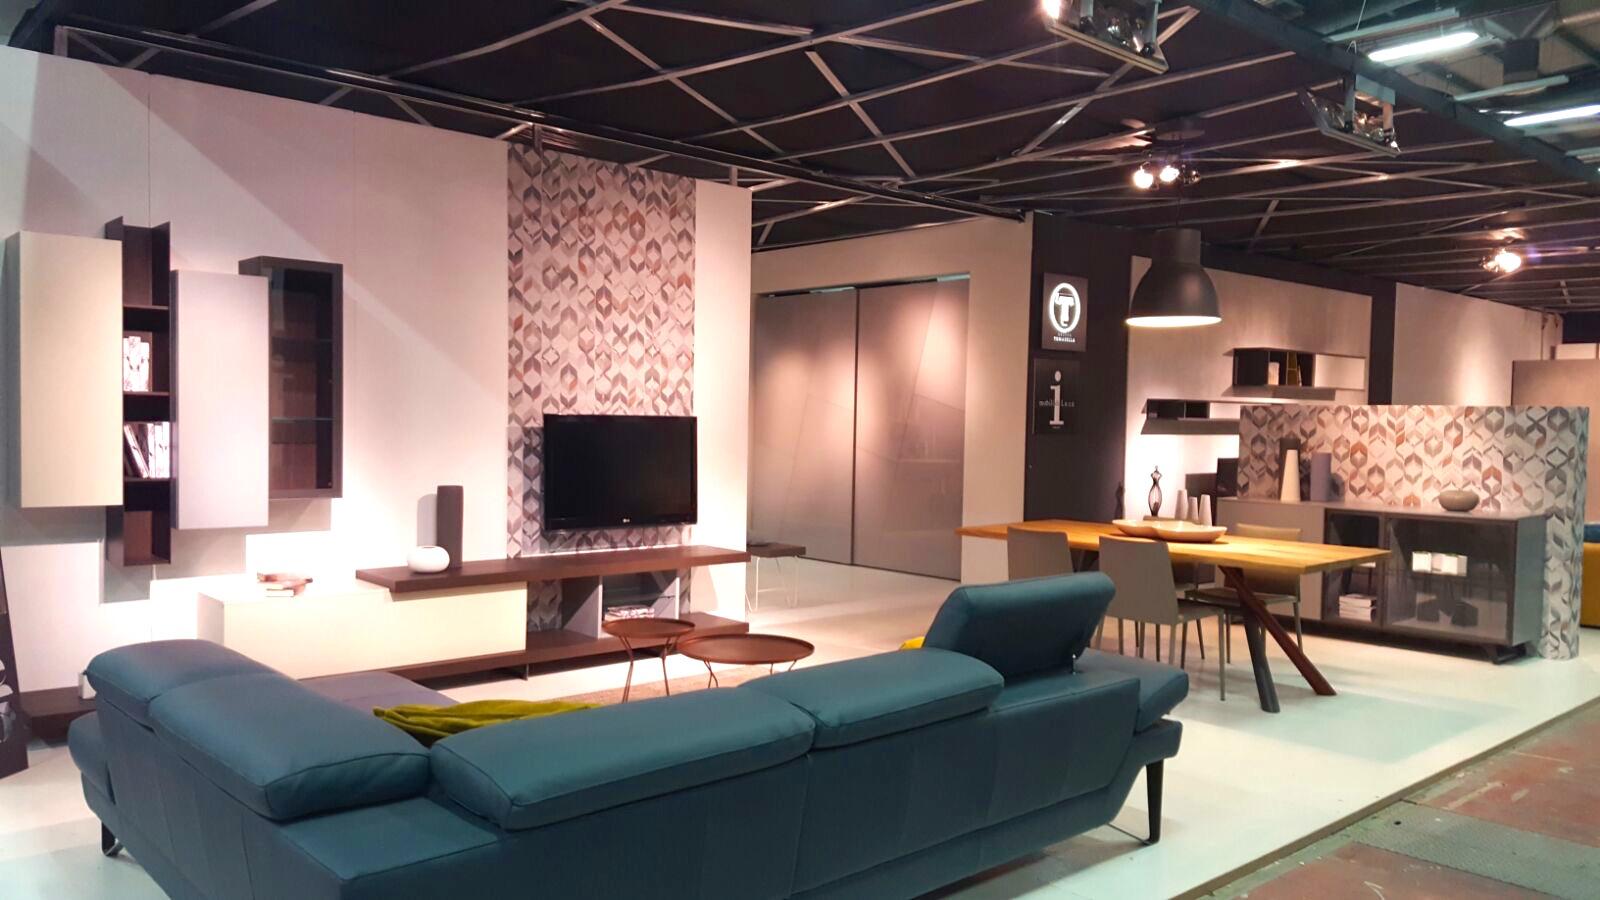 Salone del mobile bergamo archivi i mobili di luca for Salone del mobile a bergamo